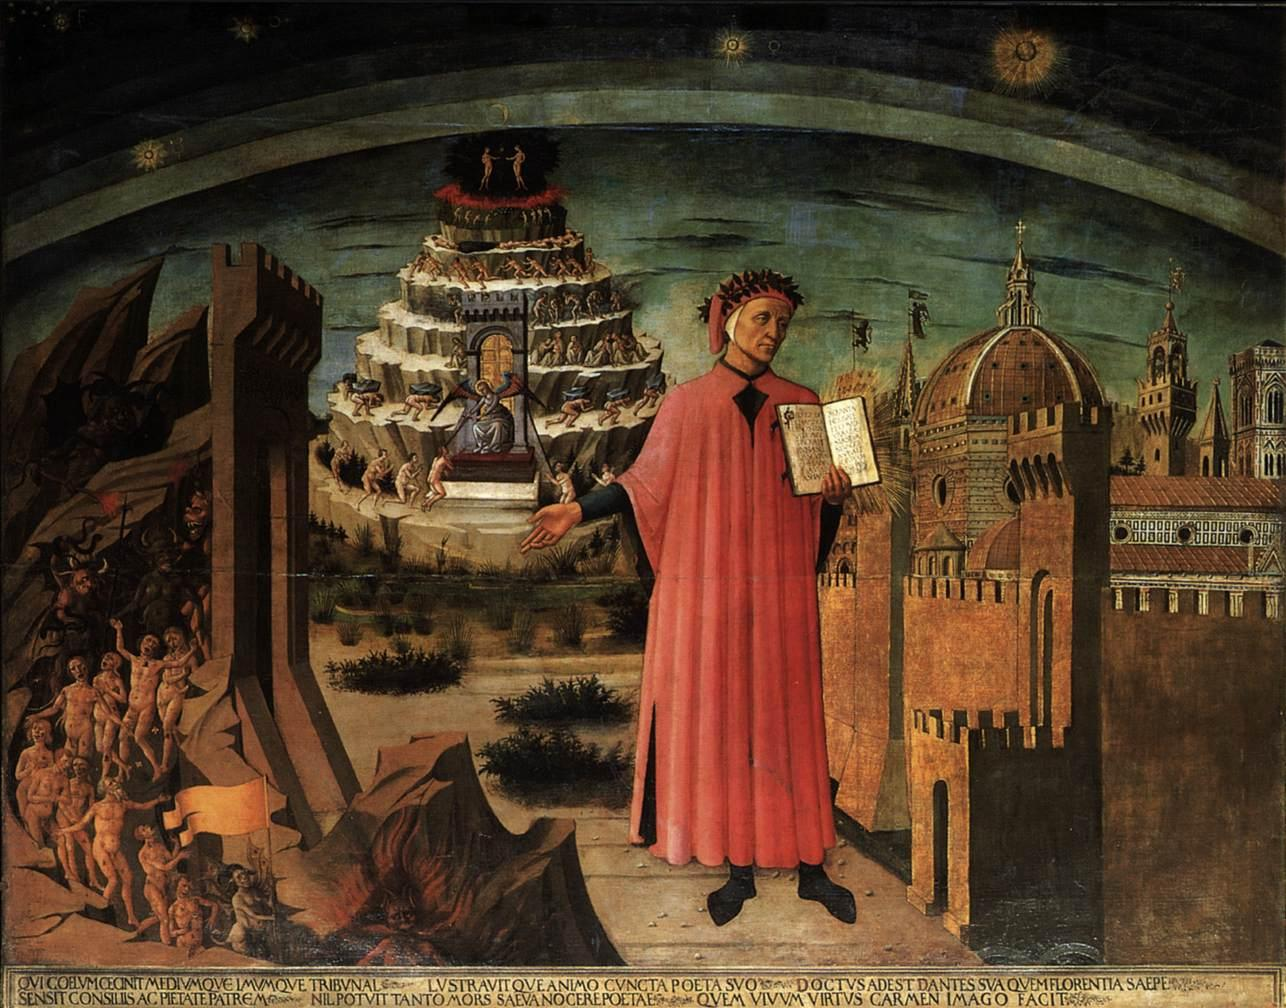 https://upload.wikimedia.org/wikipedia/commons/a/a6/Domenico_di_Michelino_-_Dante_and_the_Three_Kingdoms_-_WGA06421.jpg